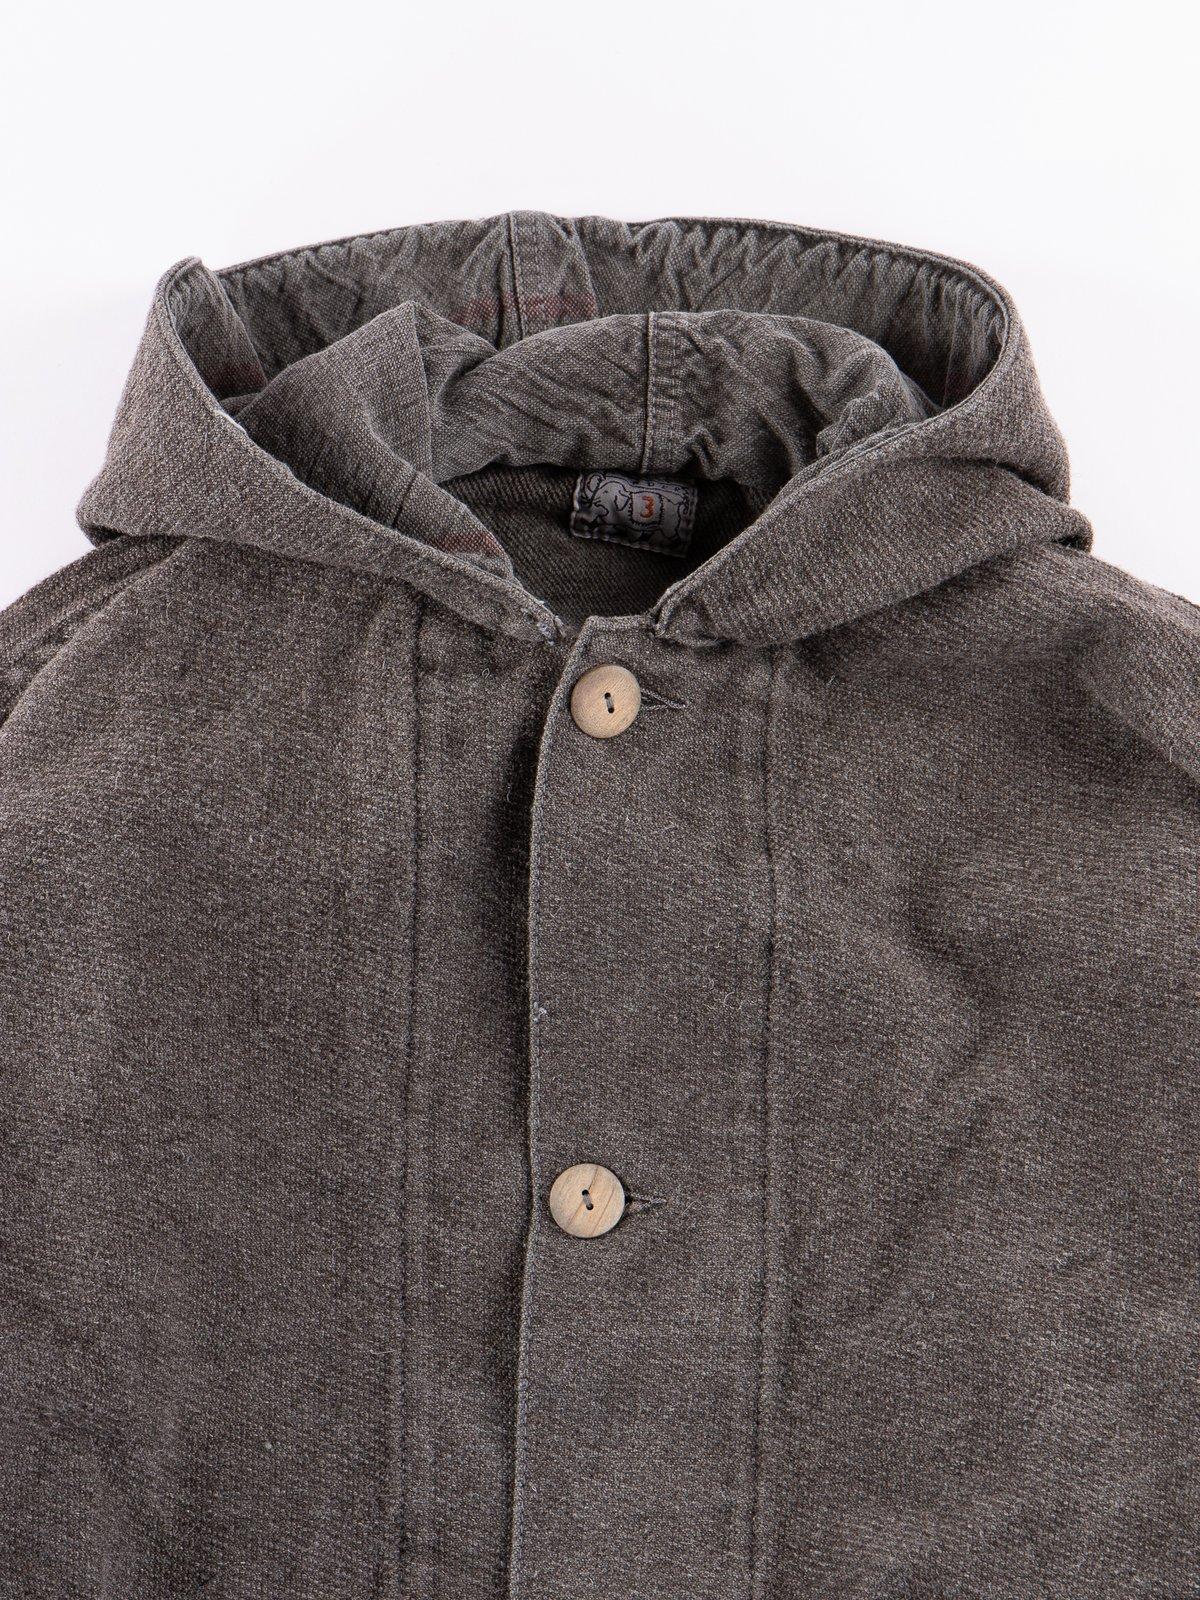 Indian Black Dye Hooded Shepherd's Coat - Image 3